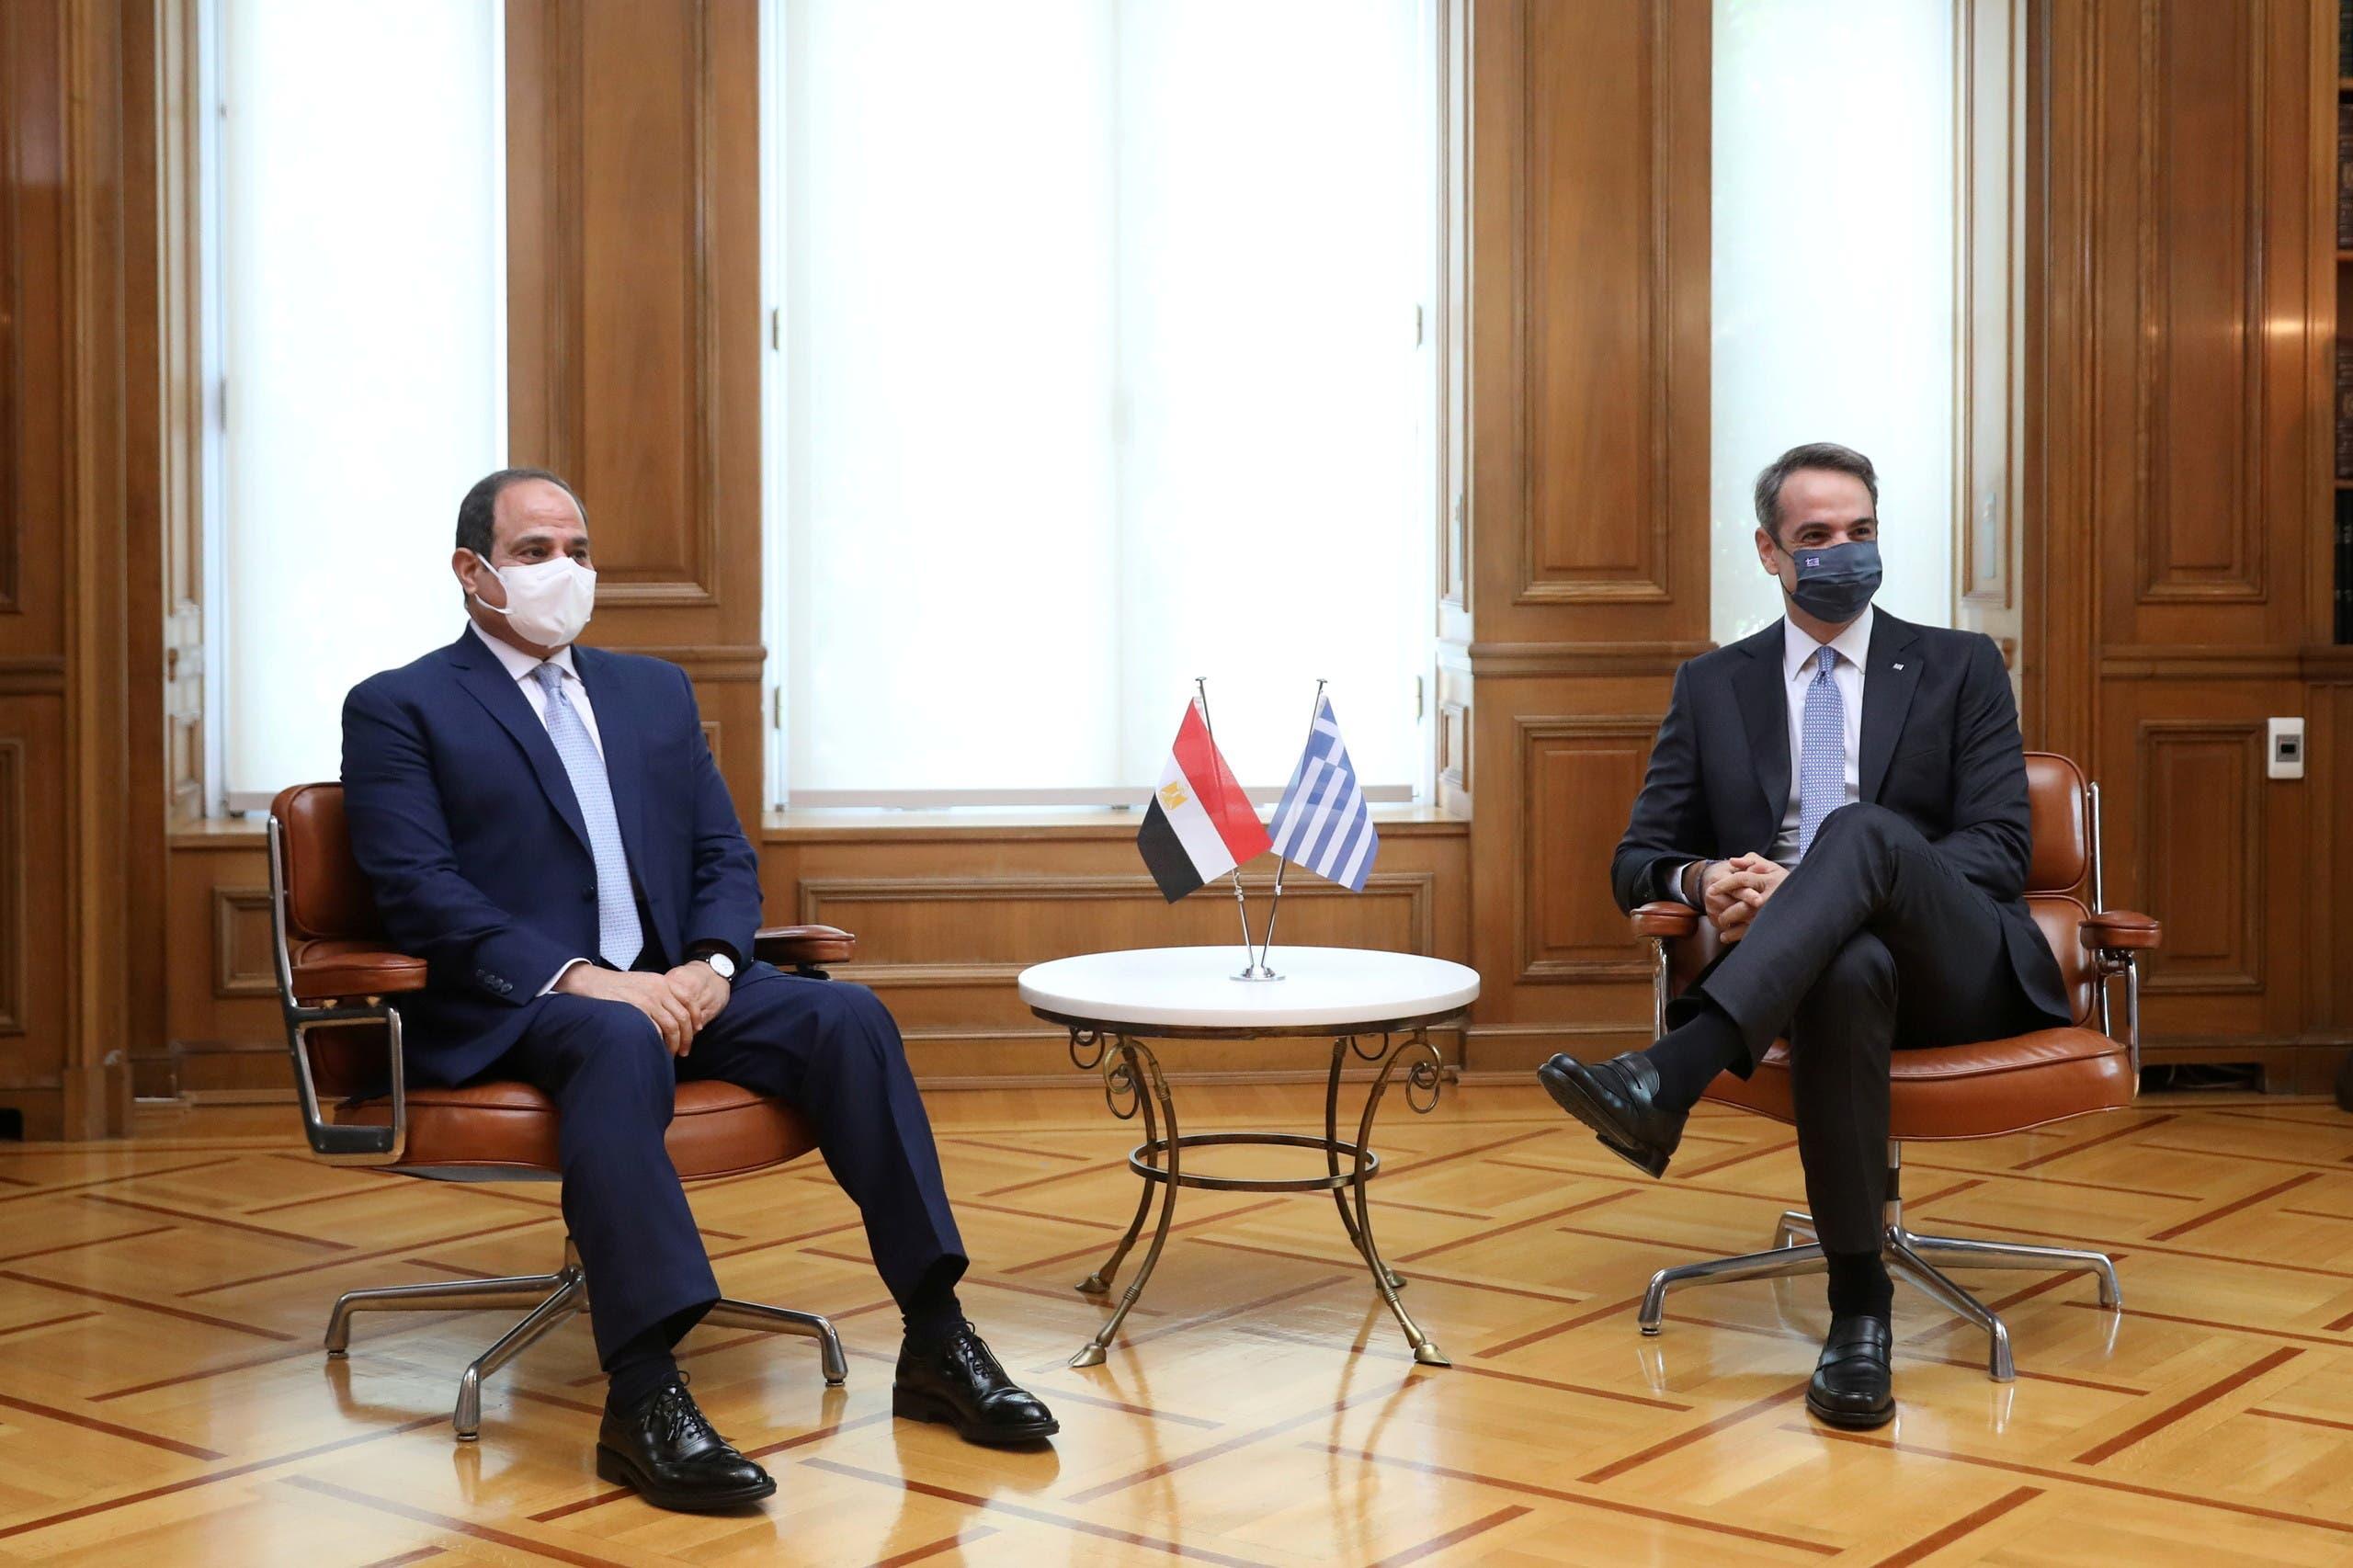 من اجتماع ميتسوتاكيس بالسيسي اليوم في اثينا